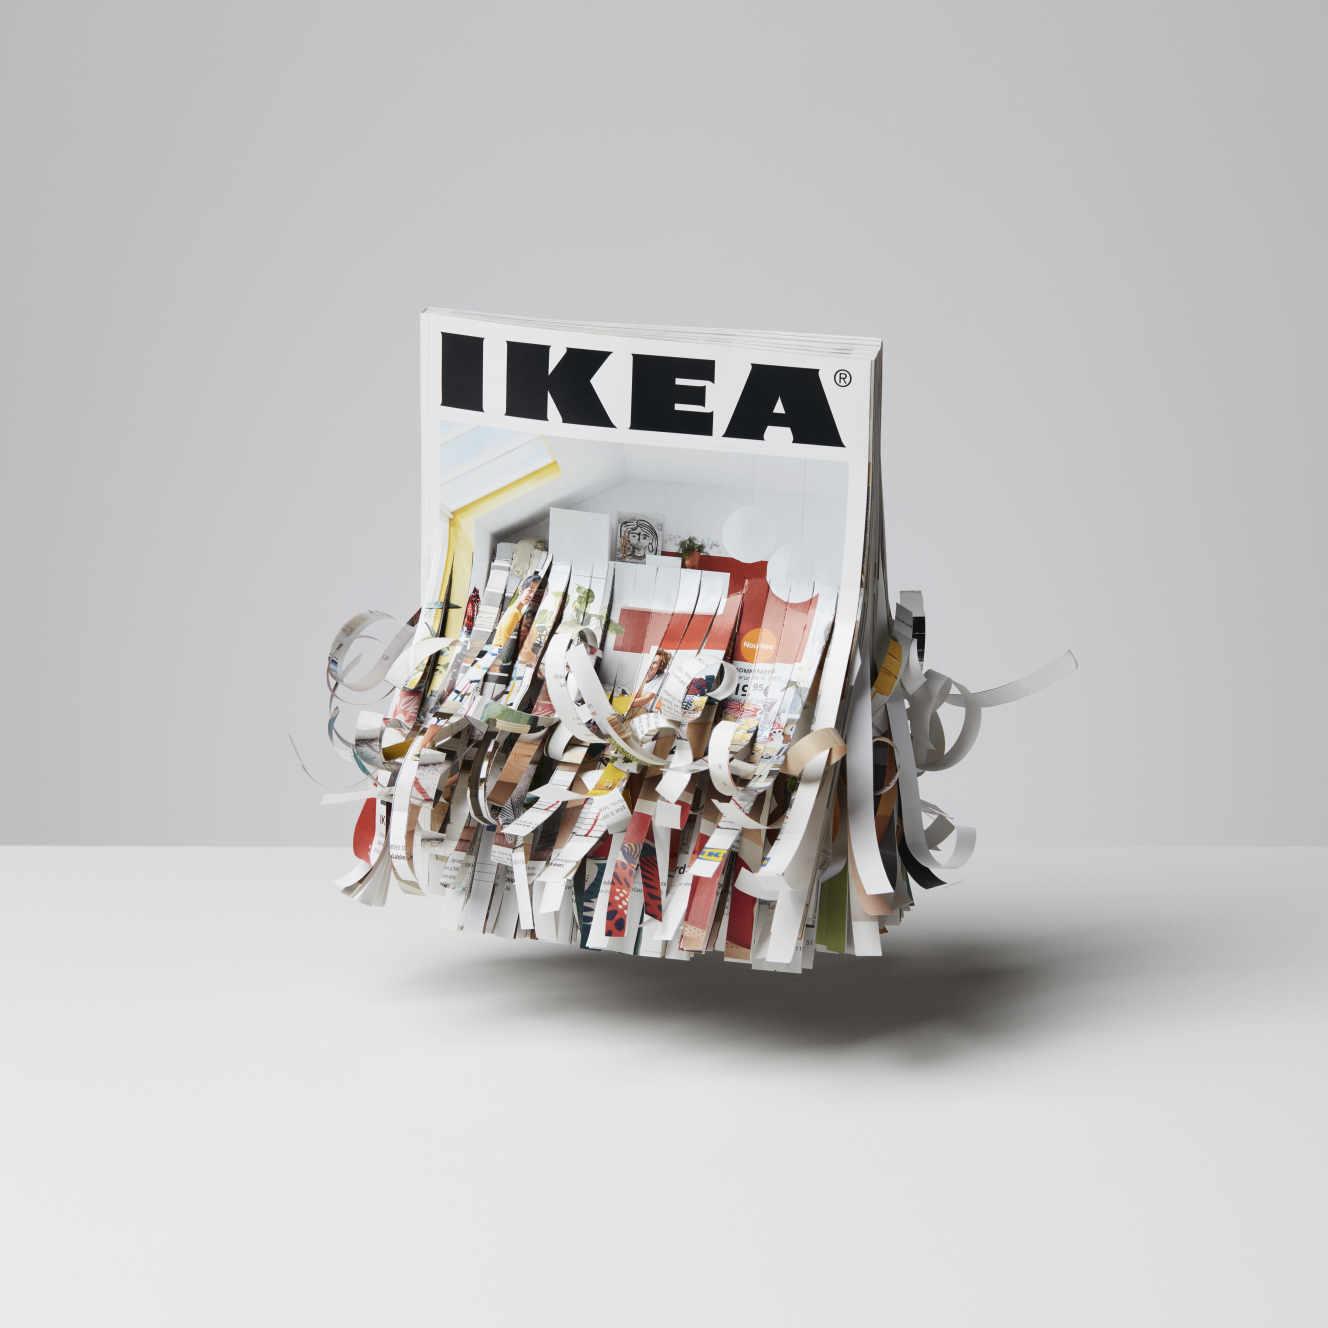 Ikea met fin à 70 ans de son catalogue iconique